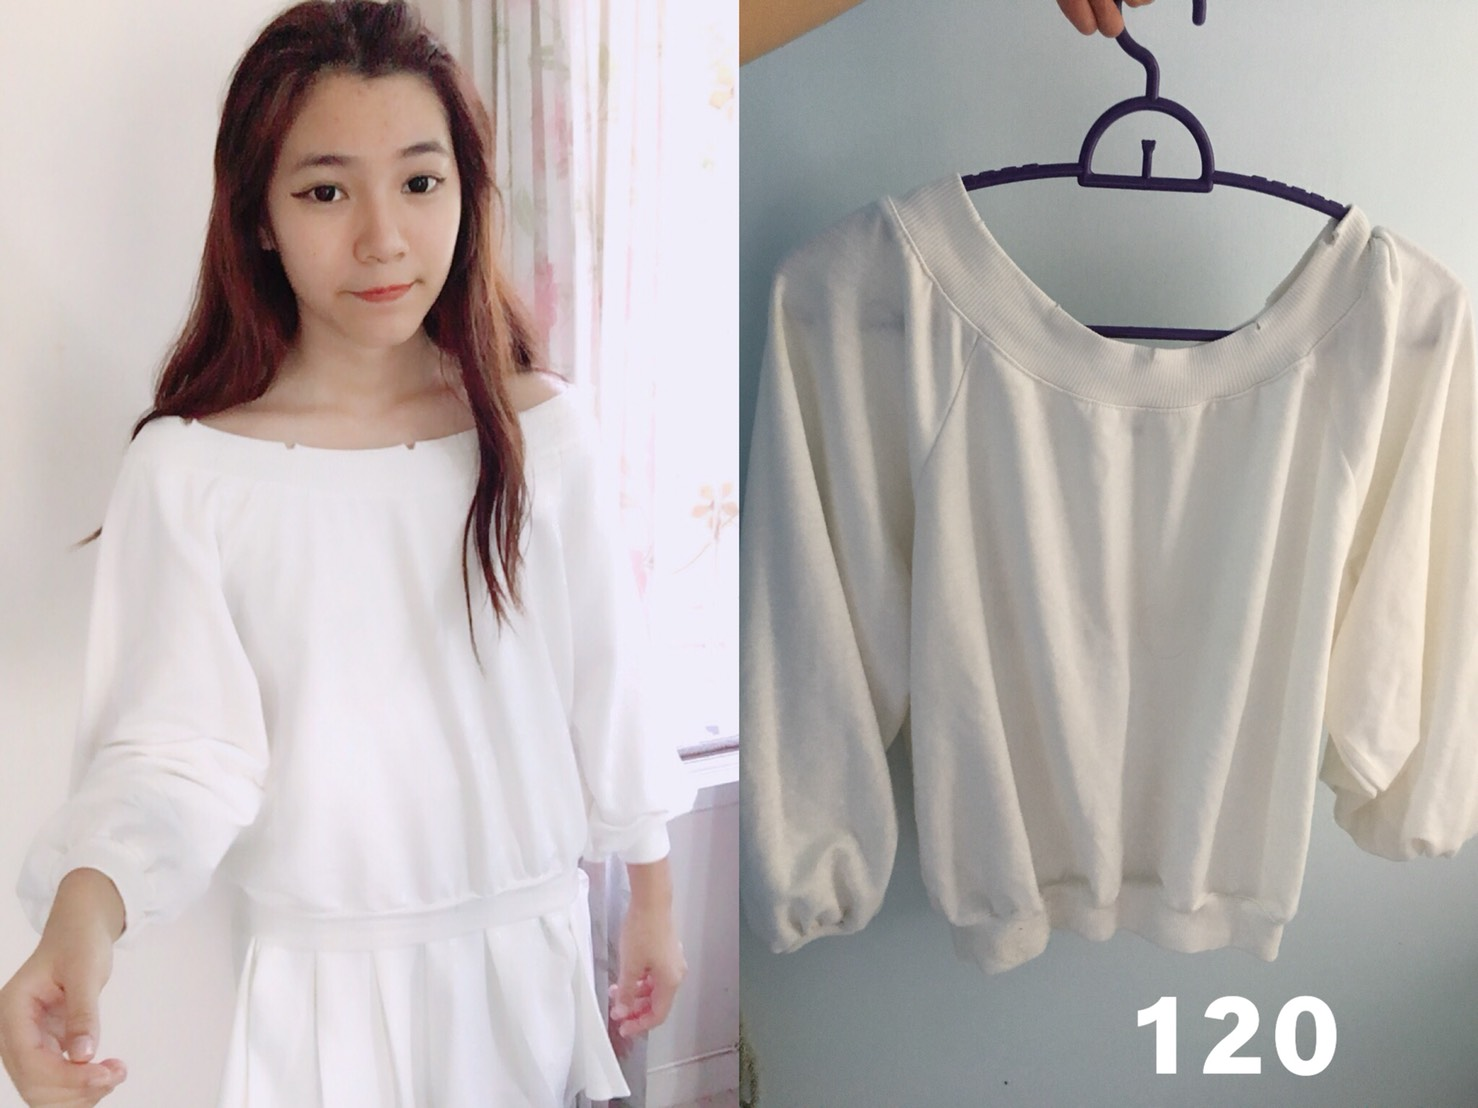 เสื้อขาวน่ารัก